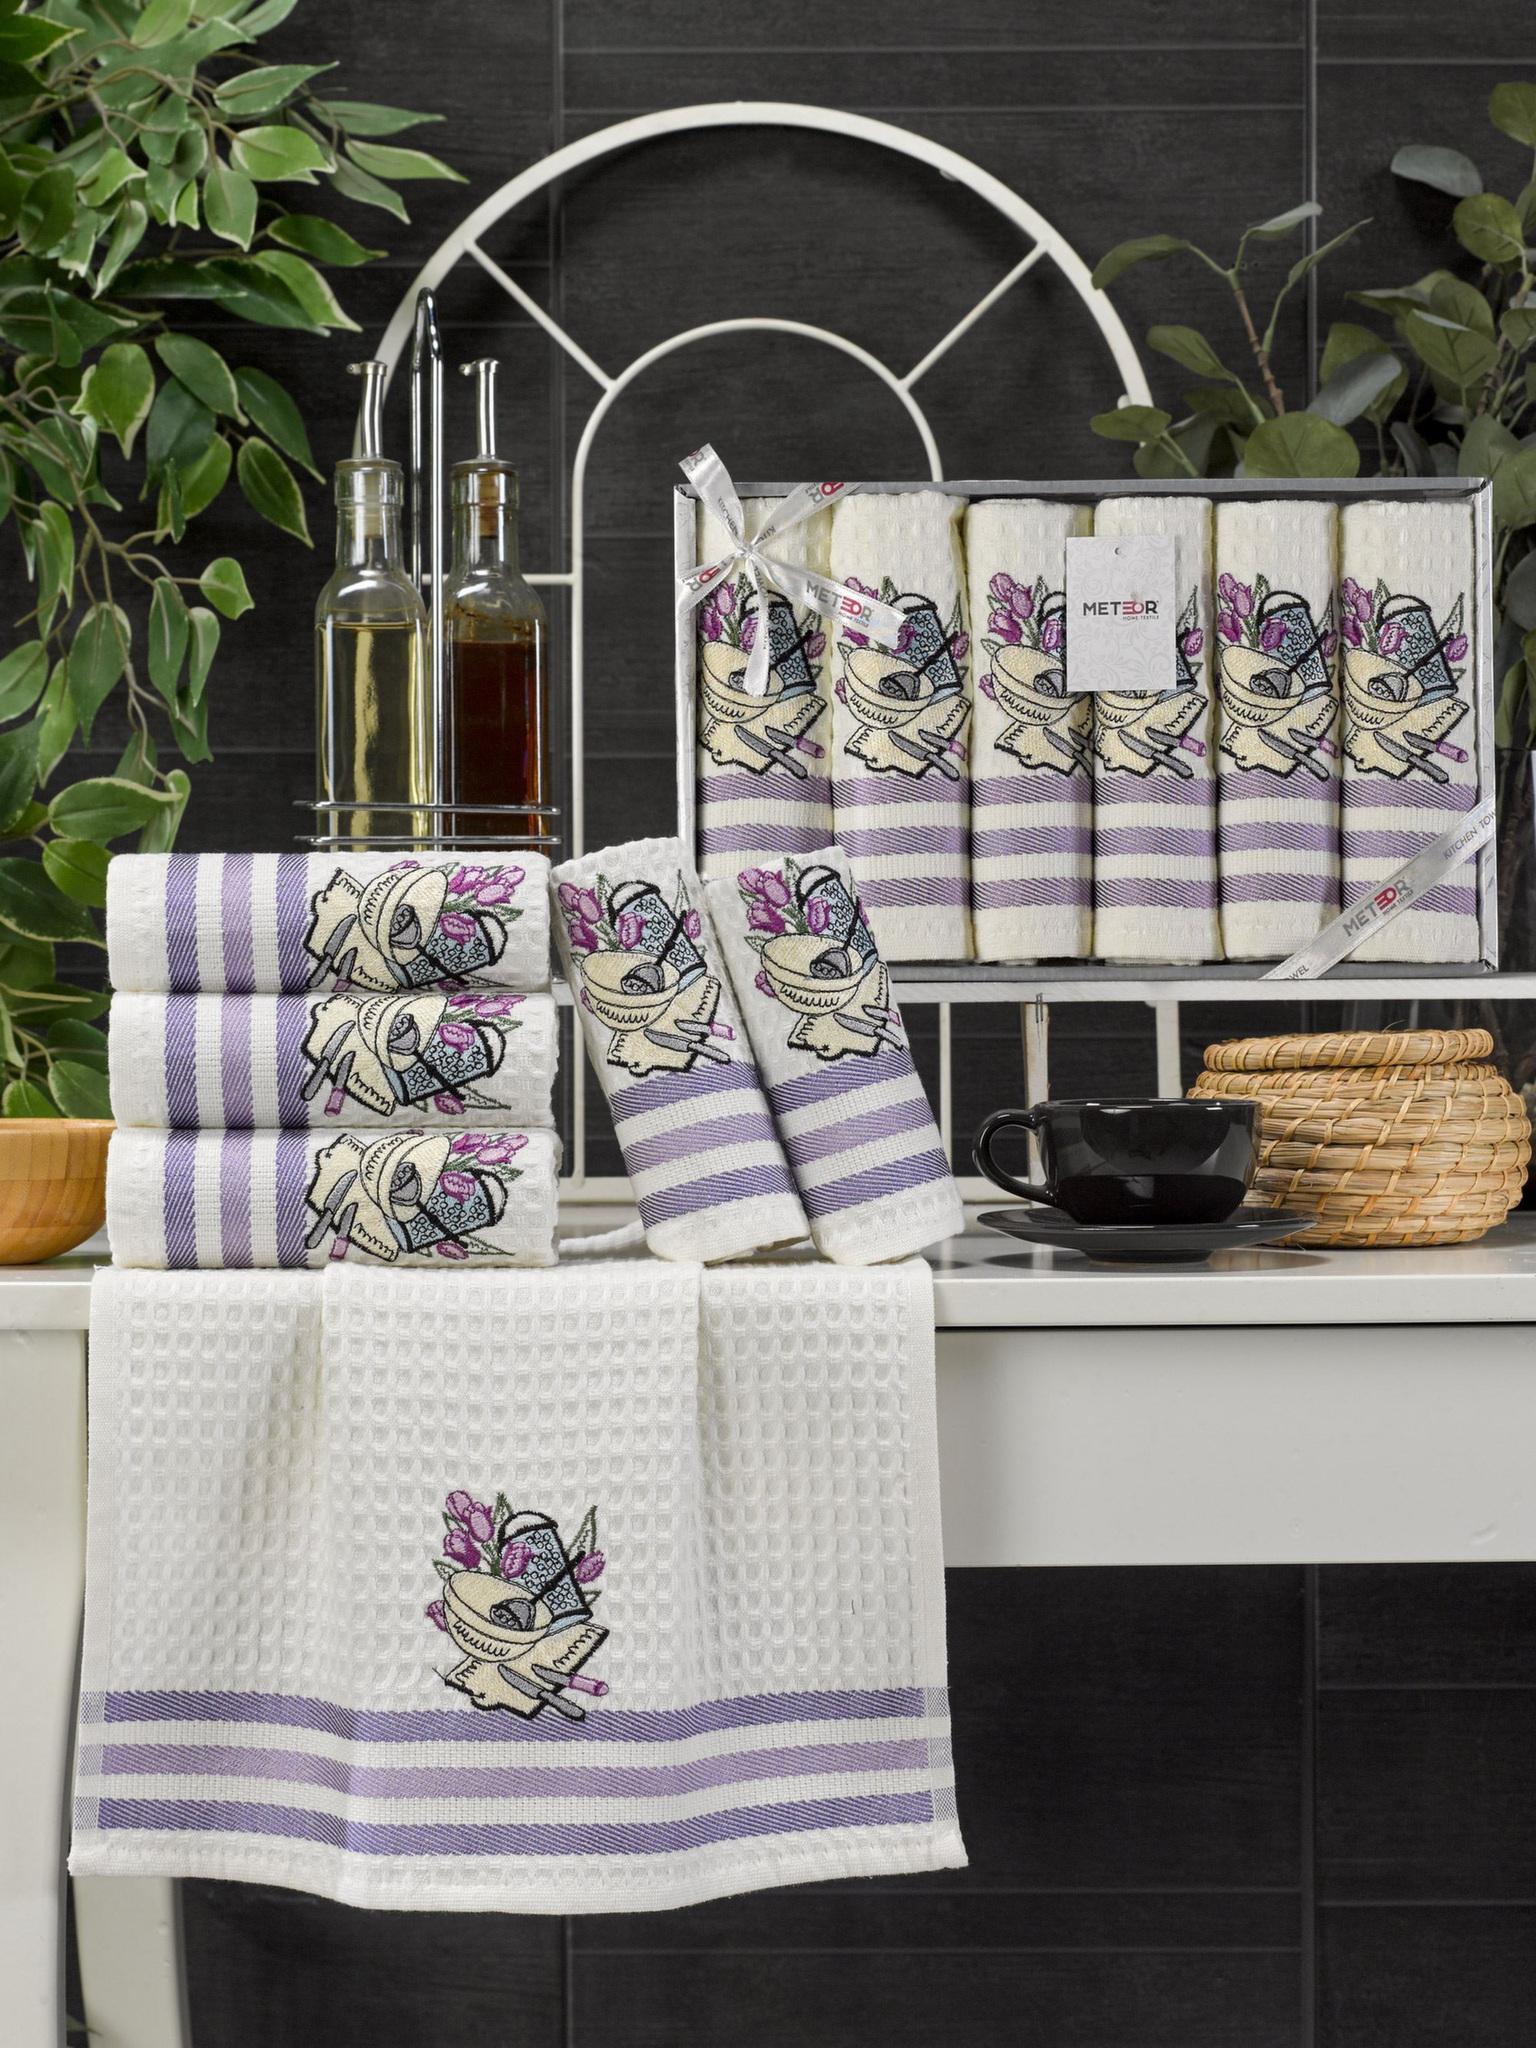 Комплект вафельных полотенец с вышивкой 35x45 (6 шт) 11467 Lux simona V1 Meteor